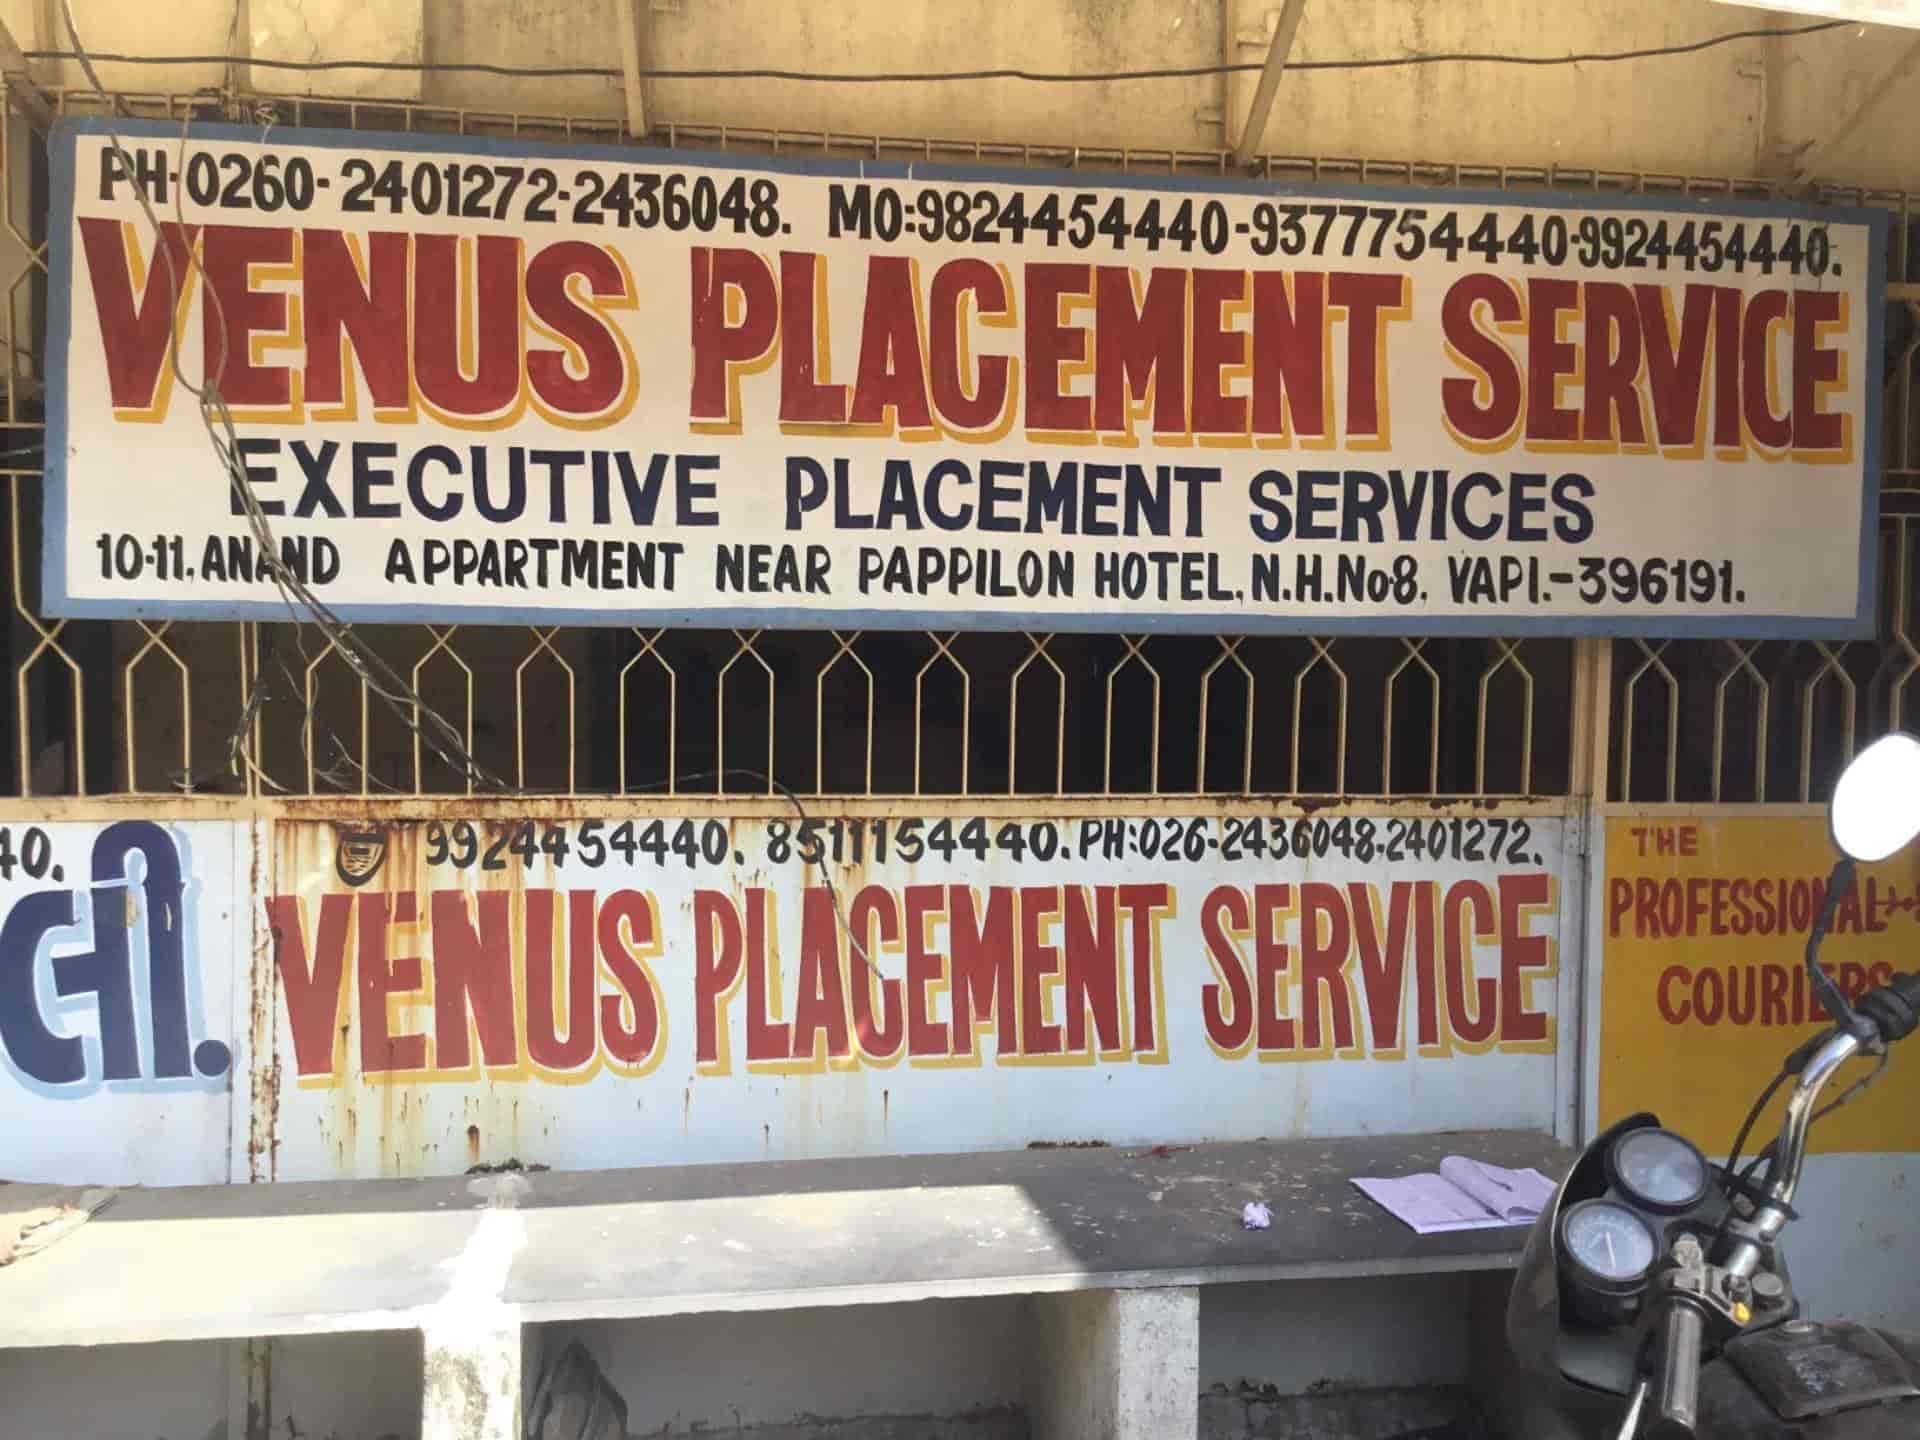 Venus Placement Services, Vapi Industrial Estate - Placement